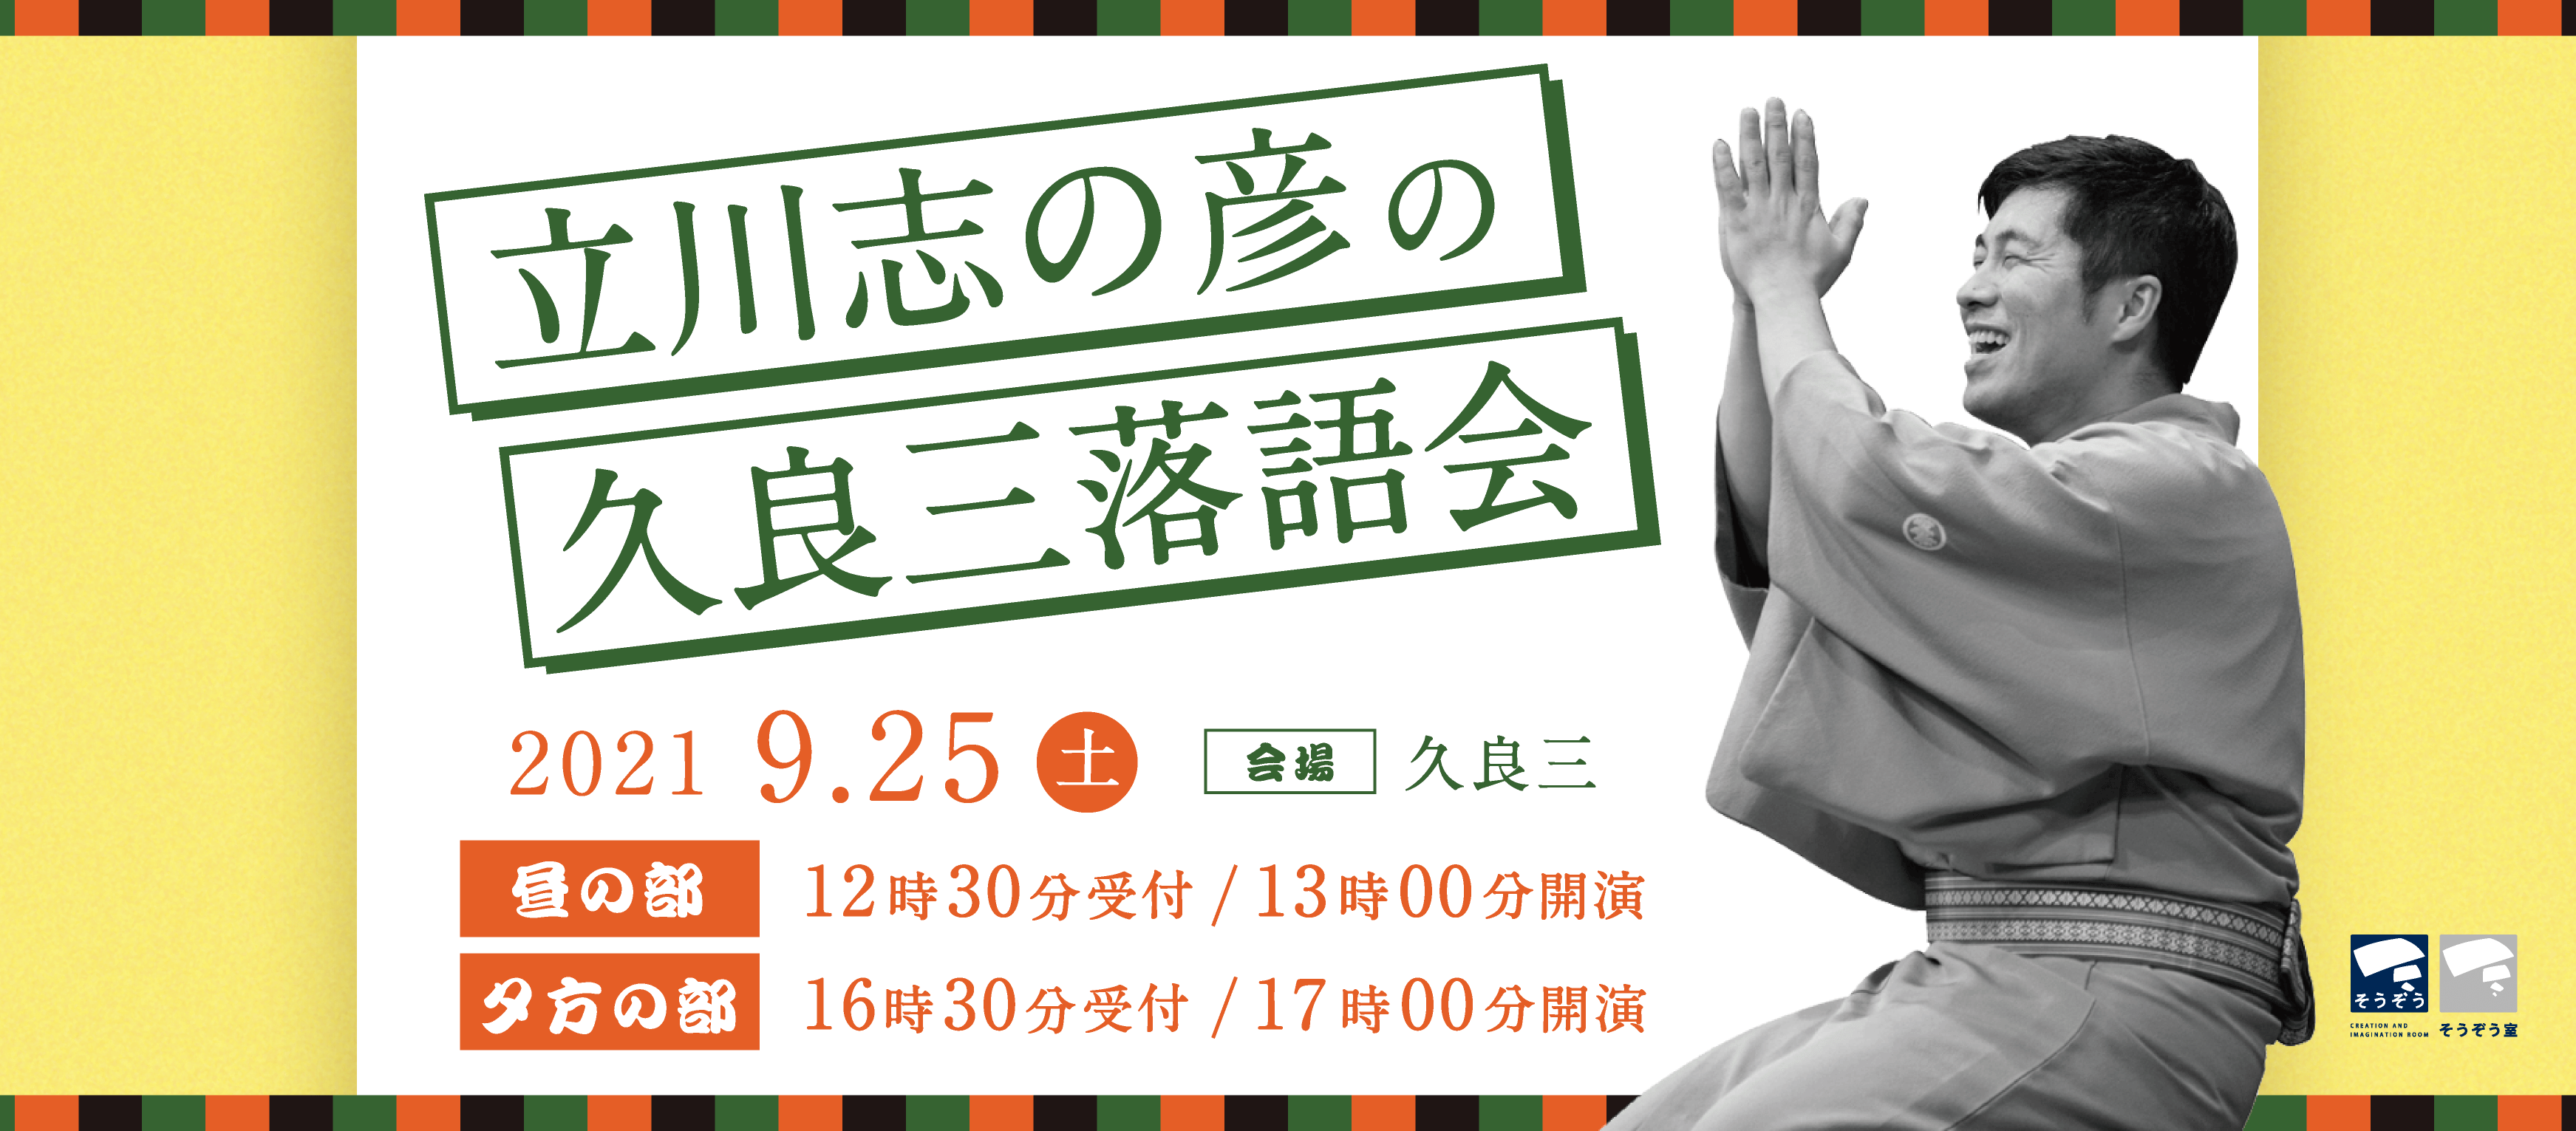 shinohikorakugo2021